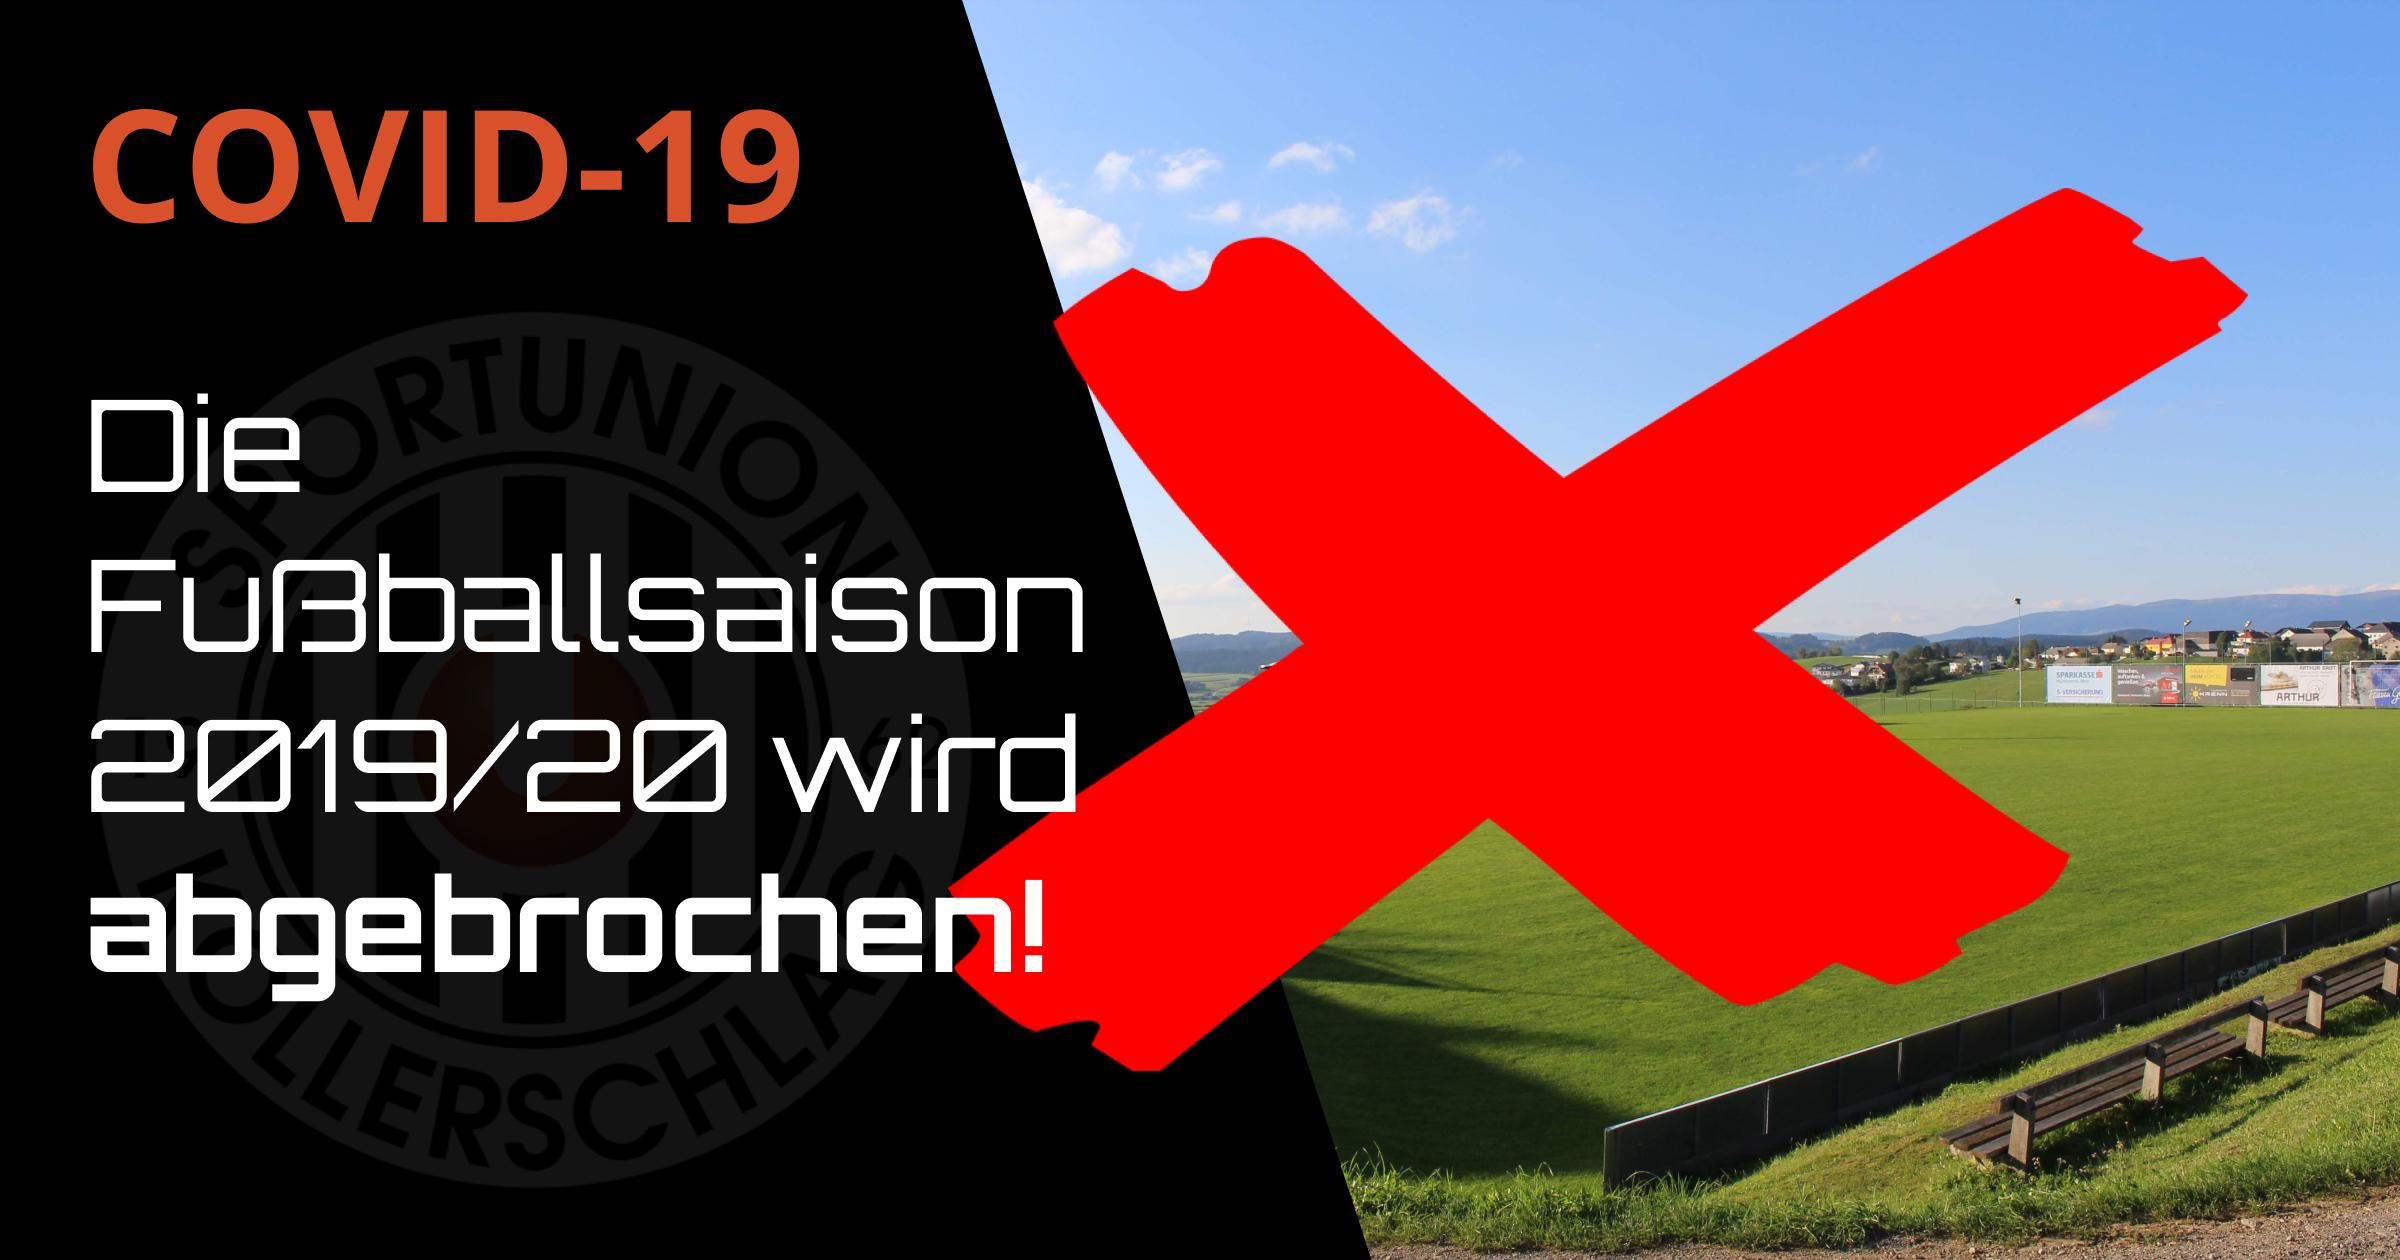 Die Fußballsaison 2019/20 wird abgebrochen!